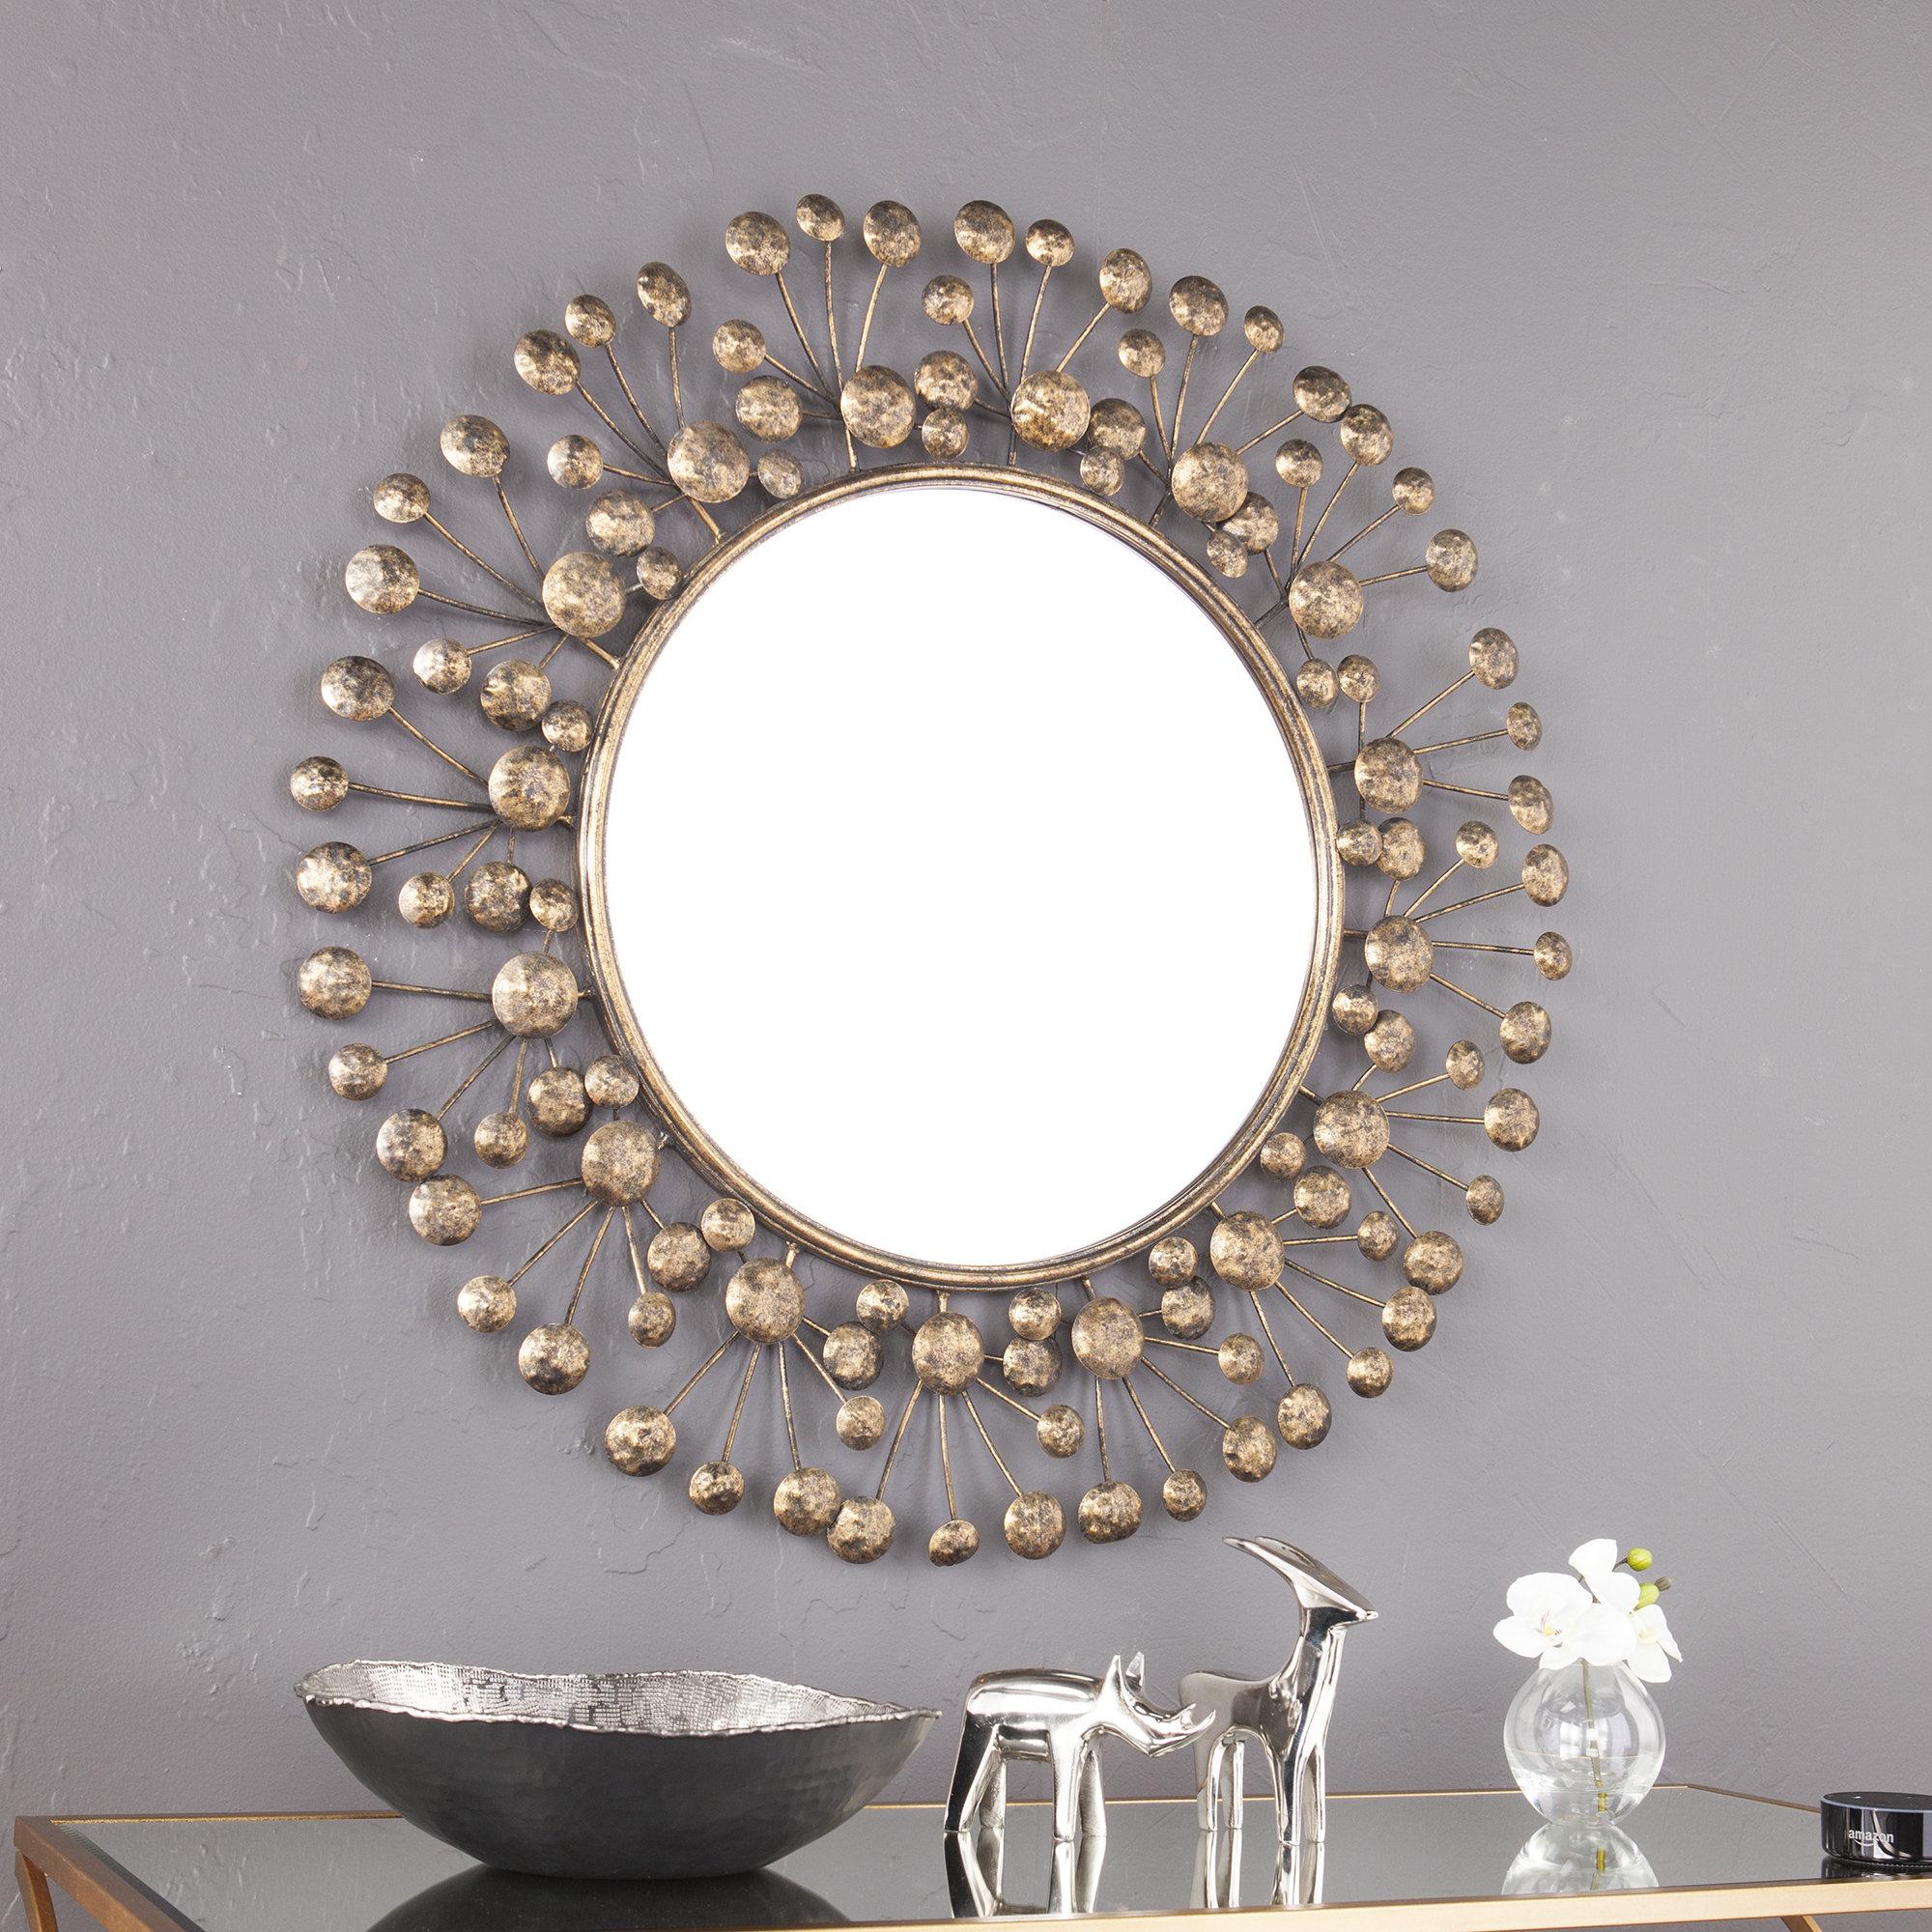 Details About Brayden Studio Eisenbarth Oversized Decorative Round Wall  Mirror Intended For Decorative Round Wall Mirrors (Image 9 of 20)